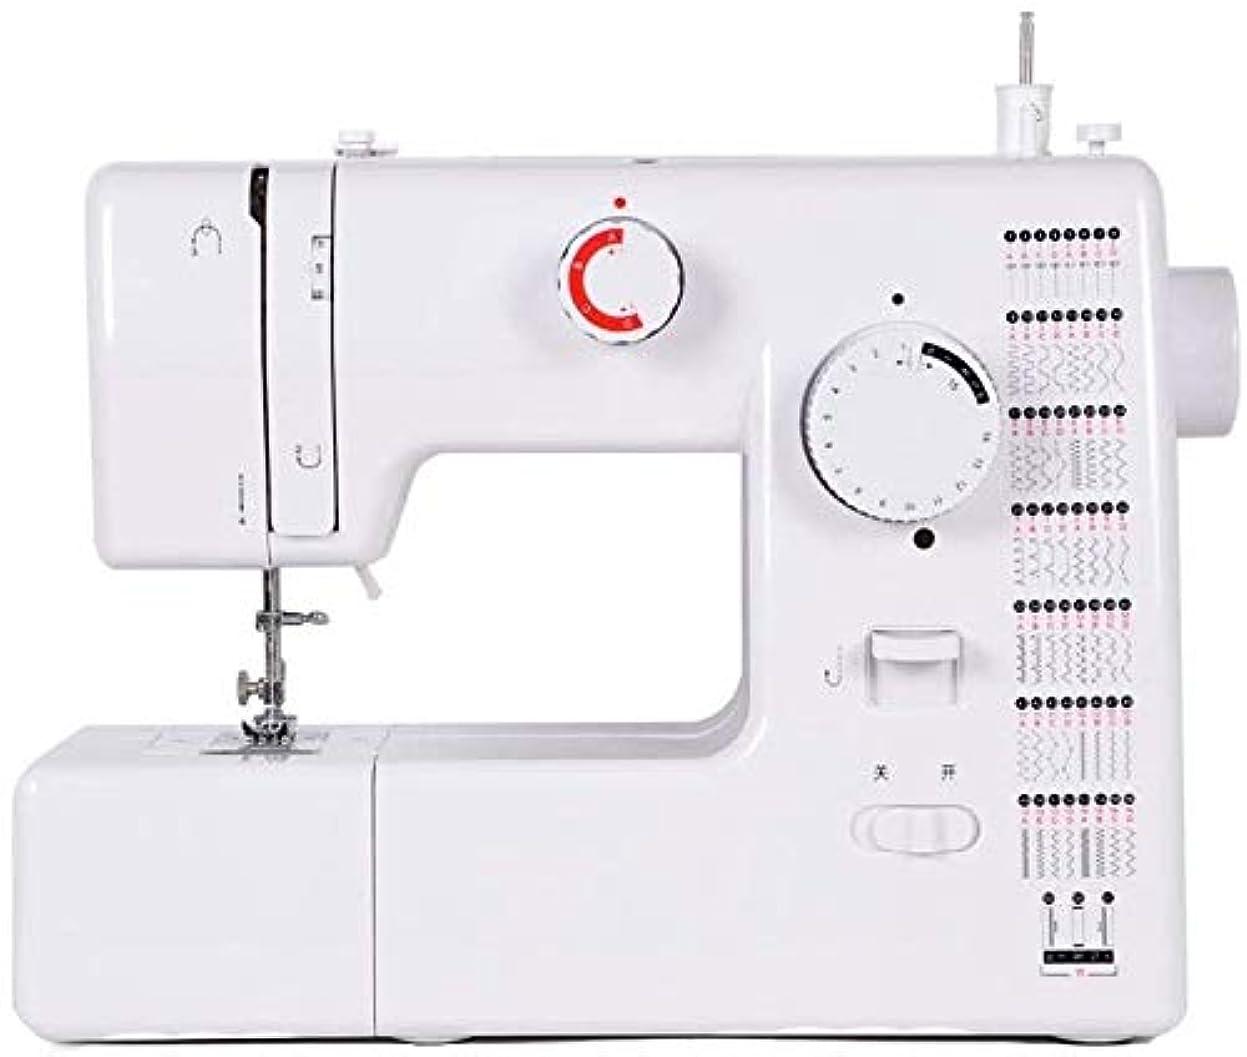 移民メタリックループRMXMY 家庭用電気ミシン自動で縫製スモールデスクトップミニ多機能太いミシン